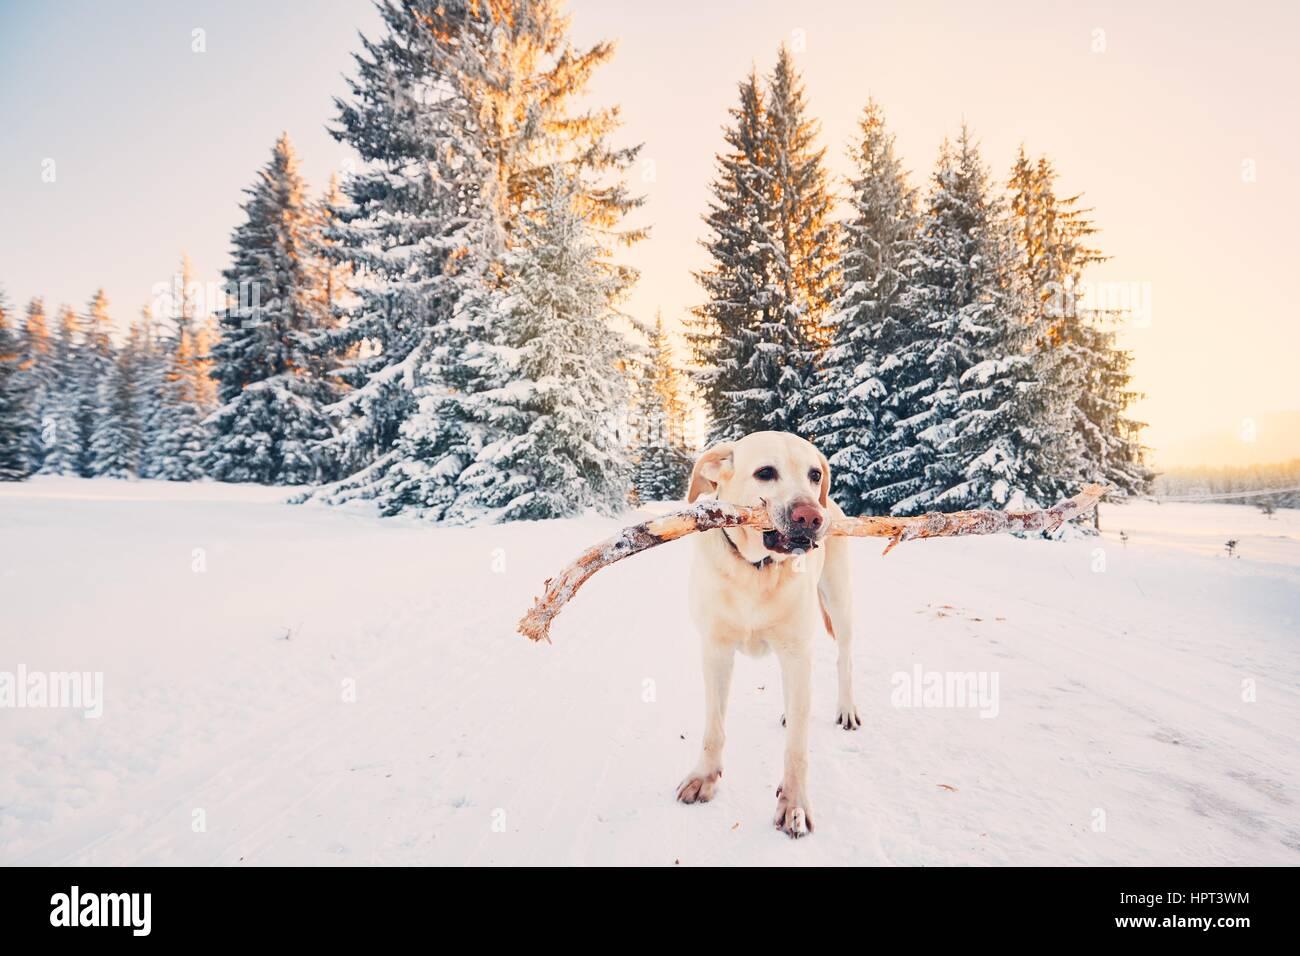 Chien en hiver la nature. Labrador Retriever jaune marche avec bâton dans la bouche pendant le coucher du soleil Photo Stock